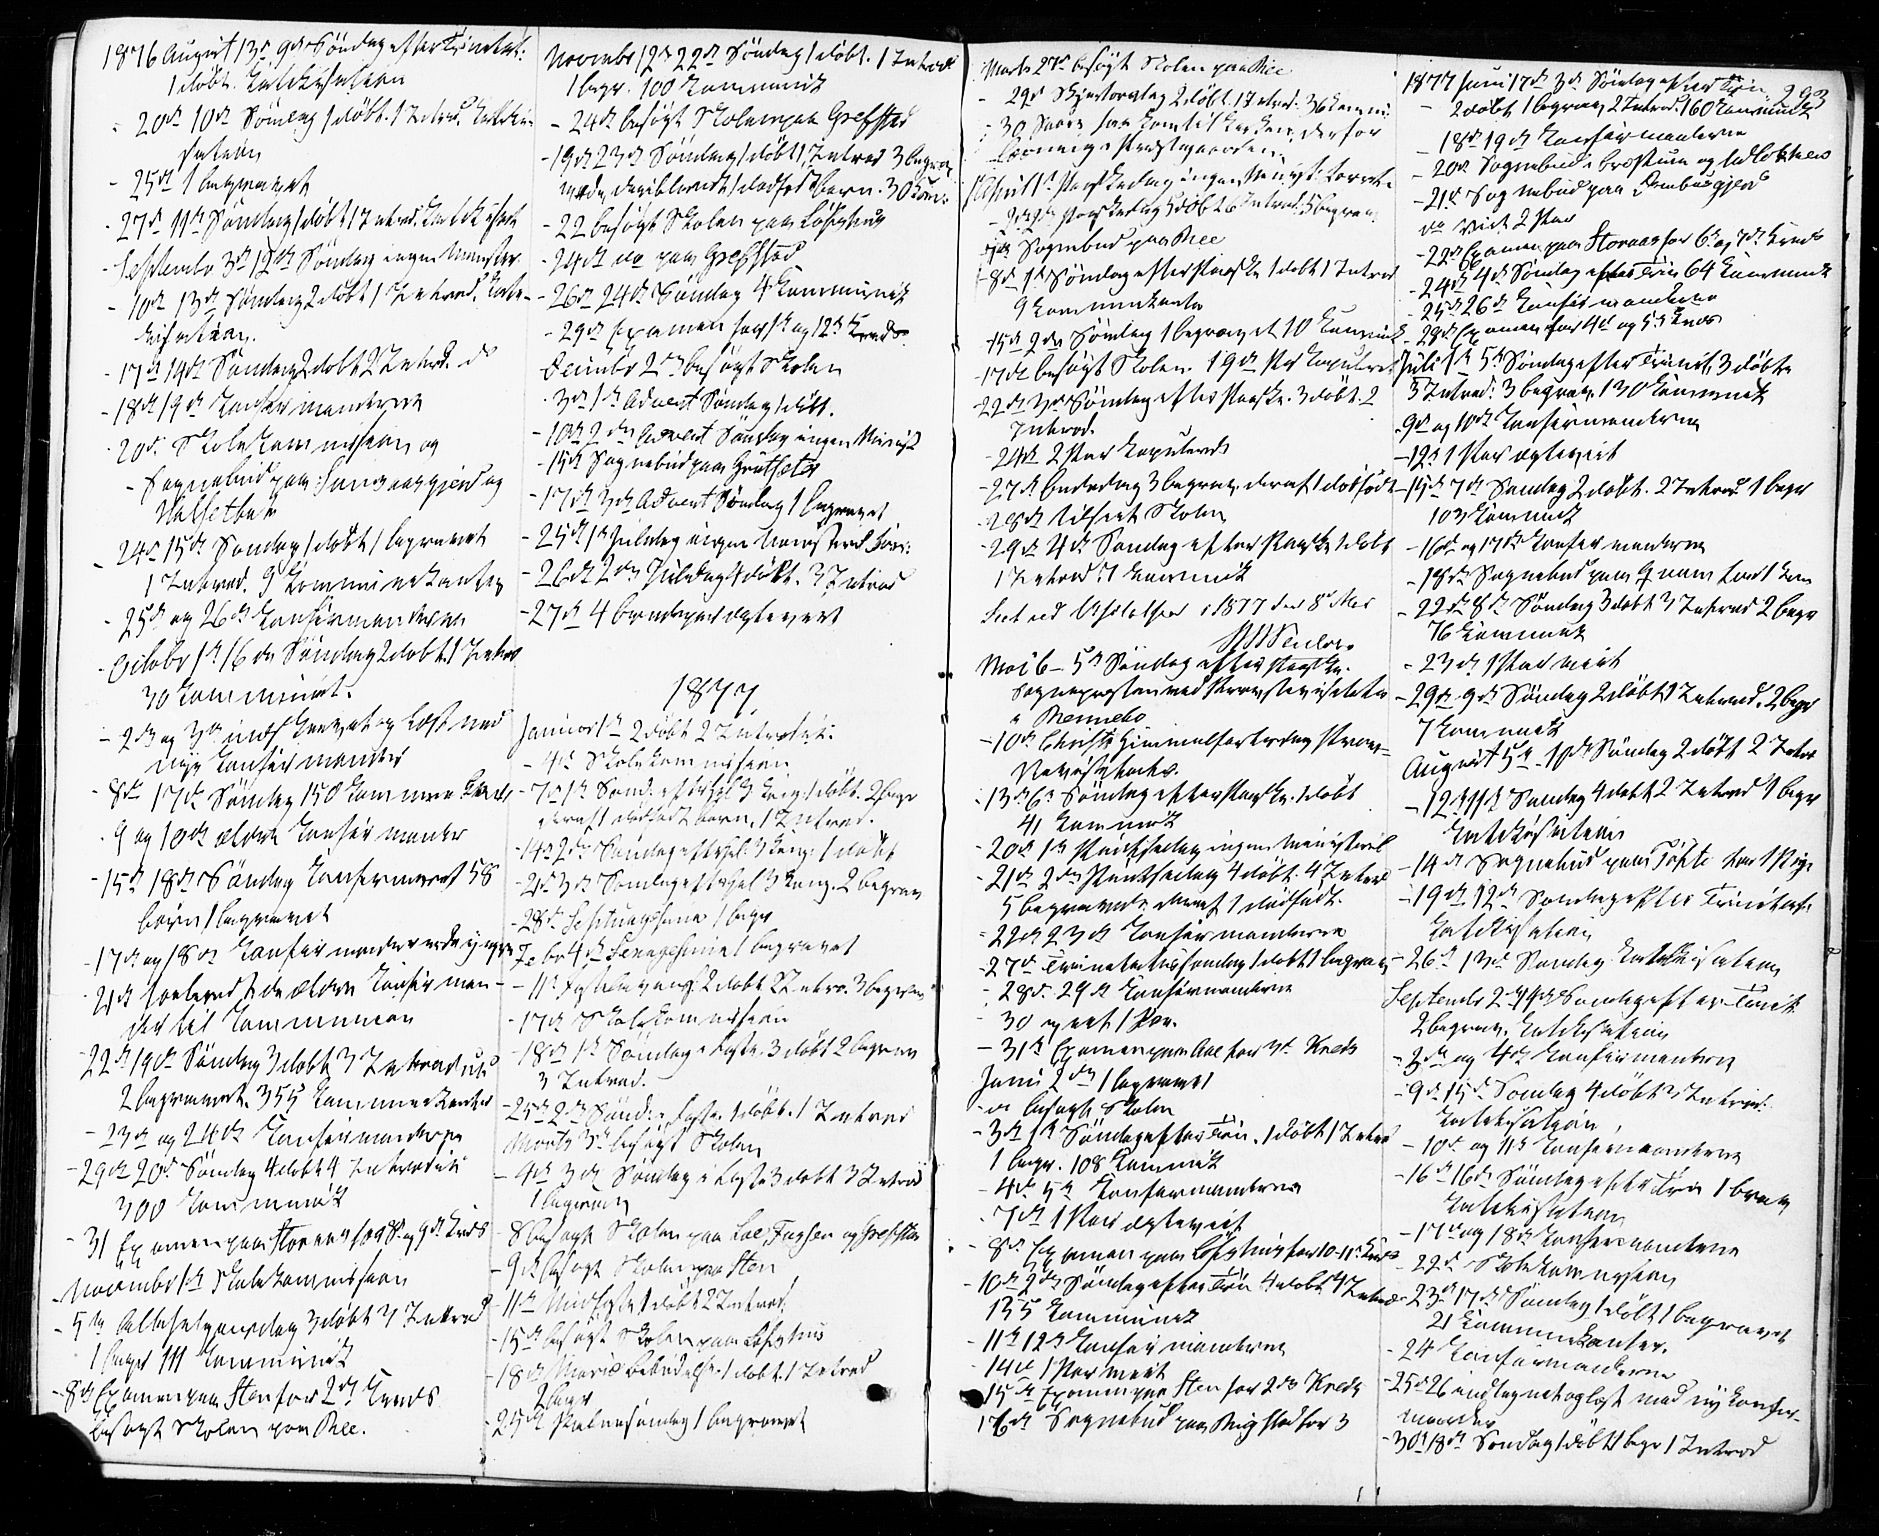 SAT, Ministerialprotokoller, klokkerbøker og fødselsregistre - Sør-Trøndelag, 672/L0856: Ministerialbok nr. 672A08, 1861-1881, s. 293